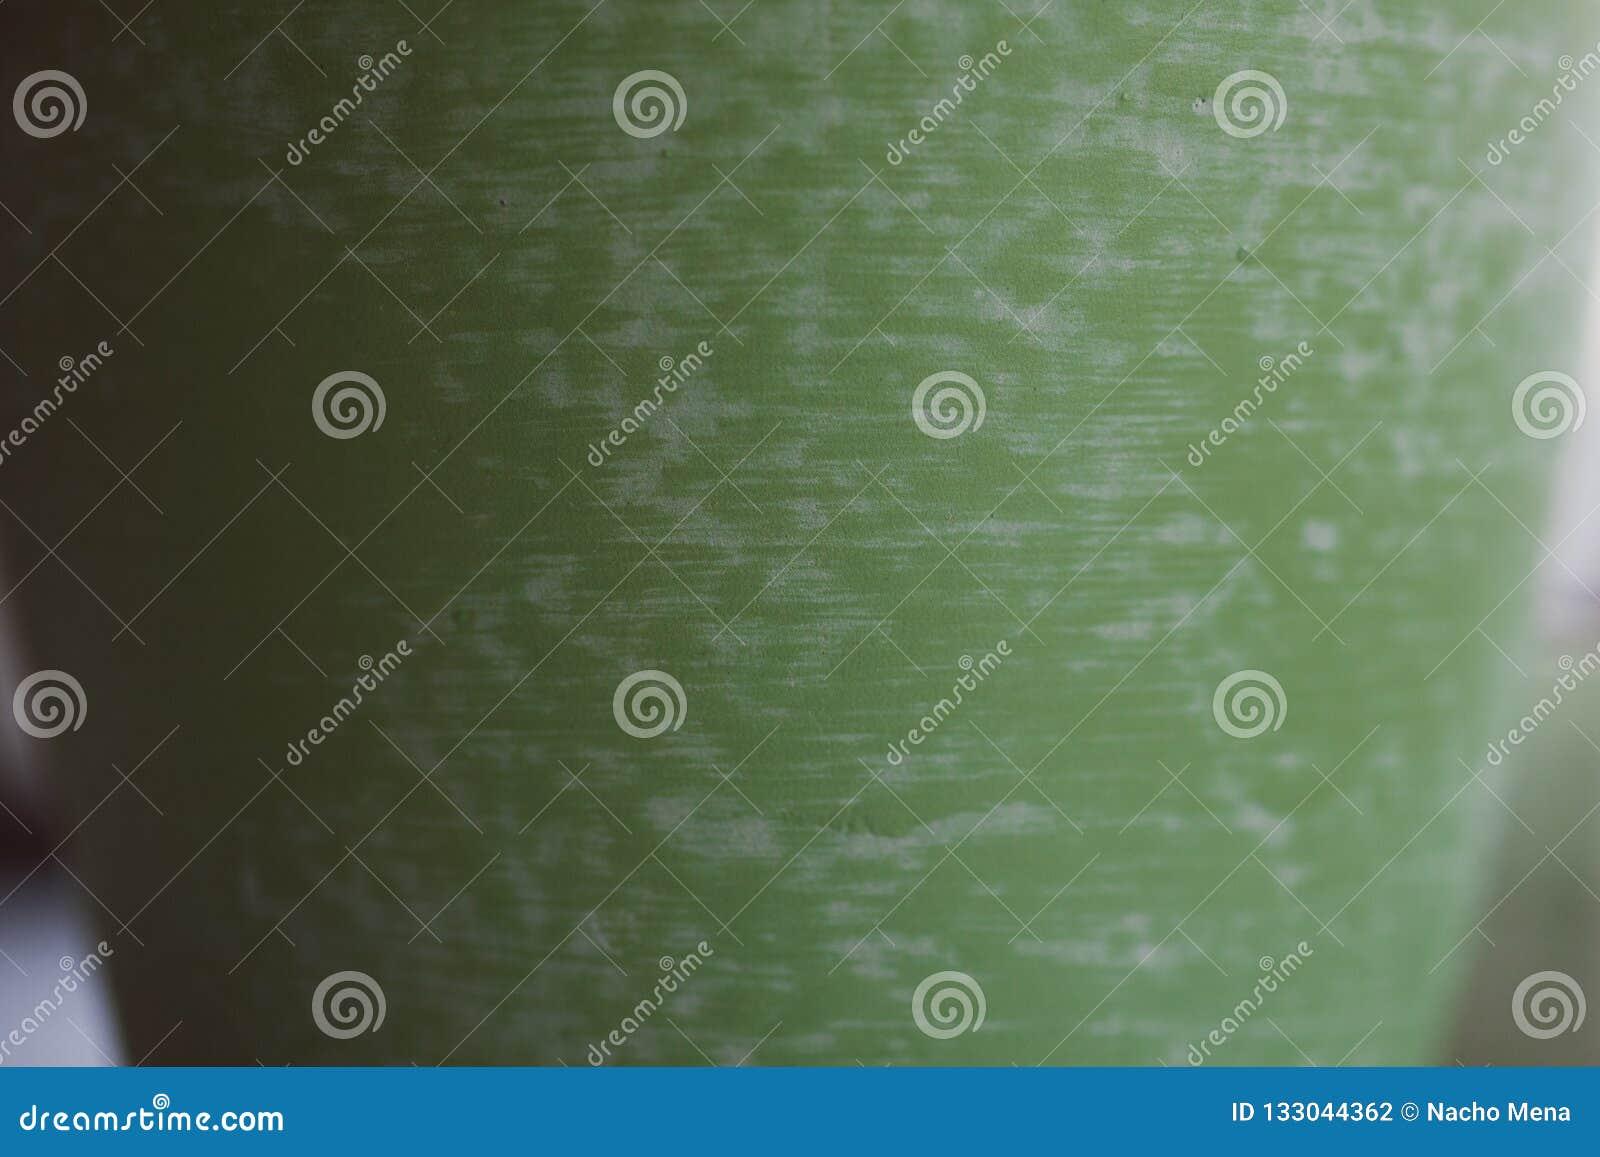 Struttura verde di terraglie fatte a mano Vista alta vicina di superficie ceramica verde